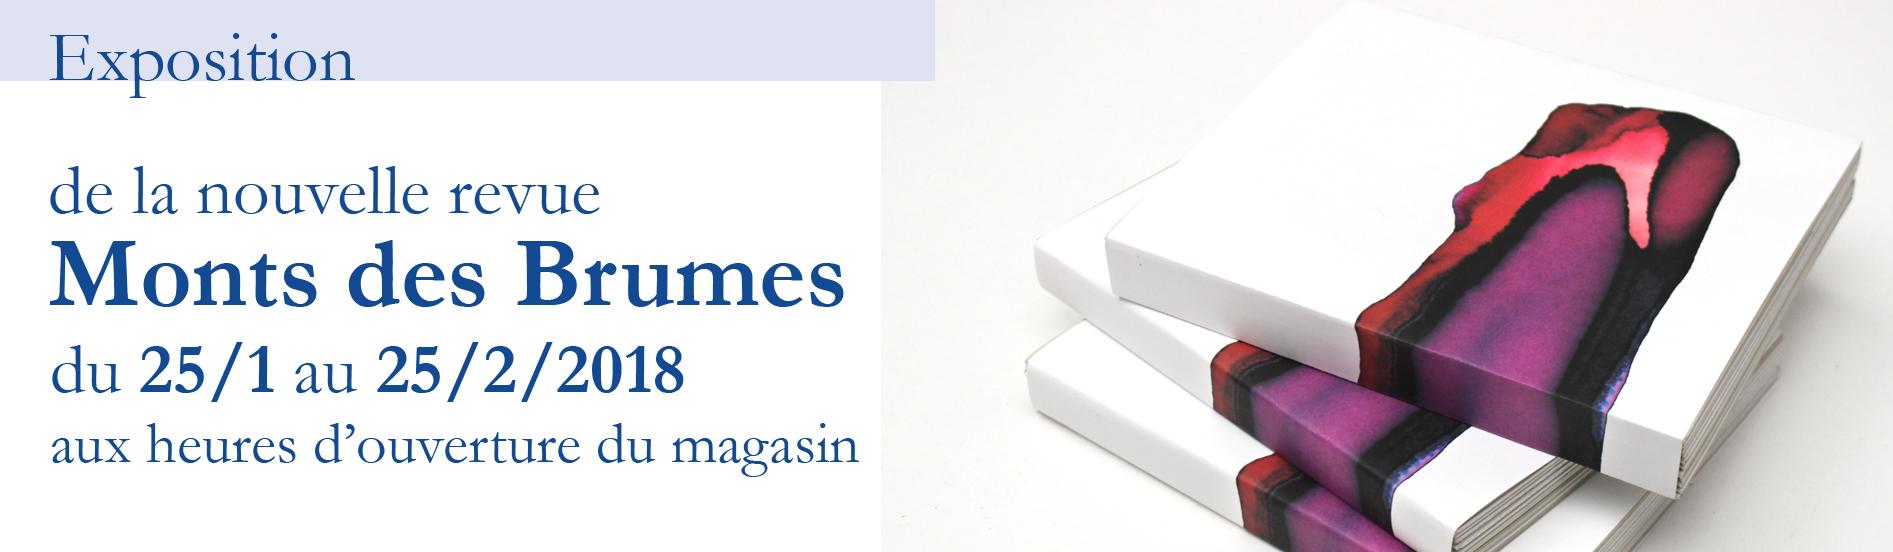 Exposition de la Revue Monts des Brumes bis